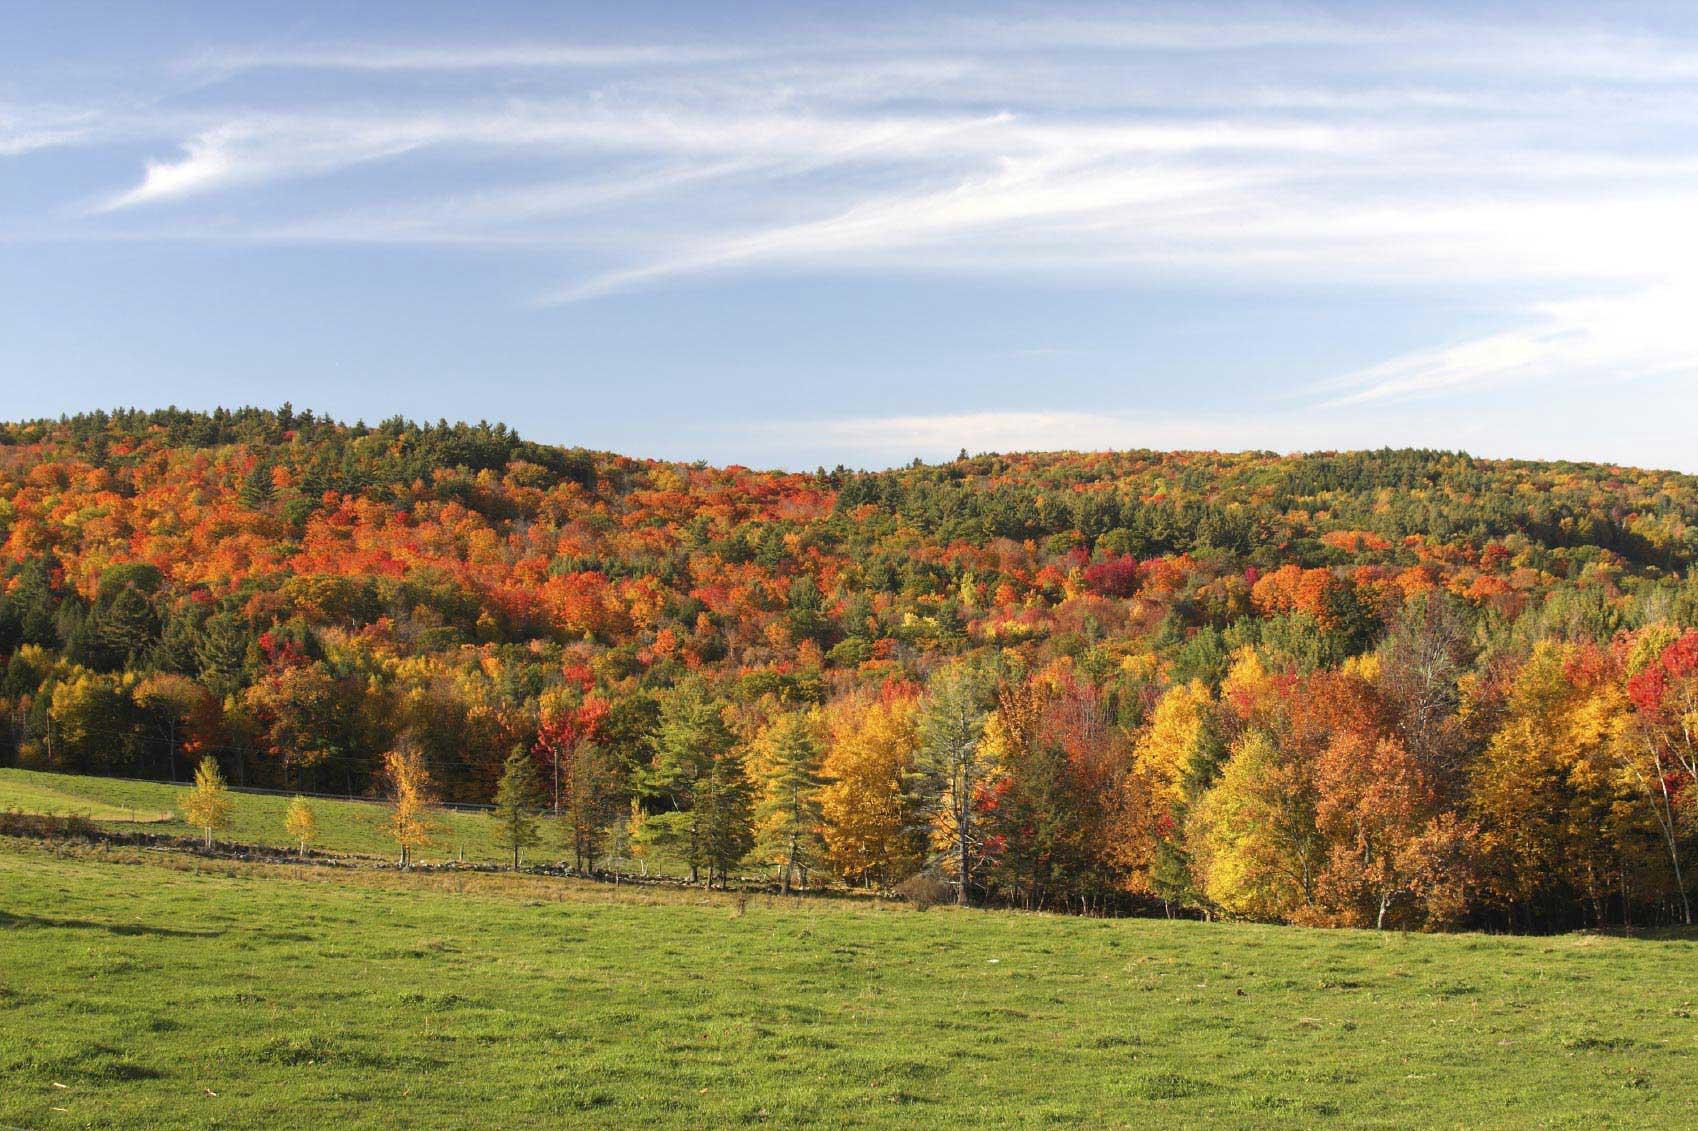 Fotografar uma paisagem colorida